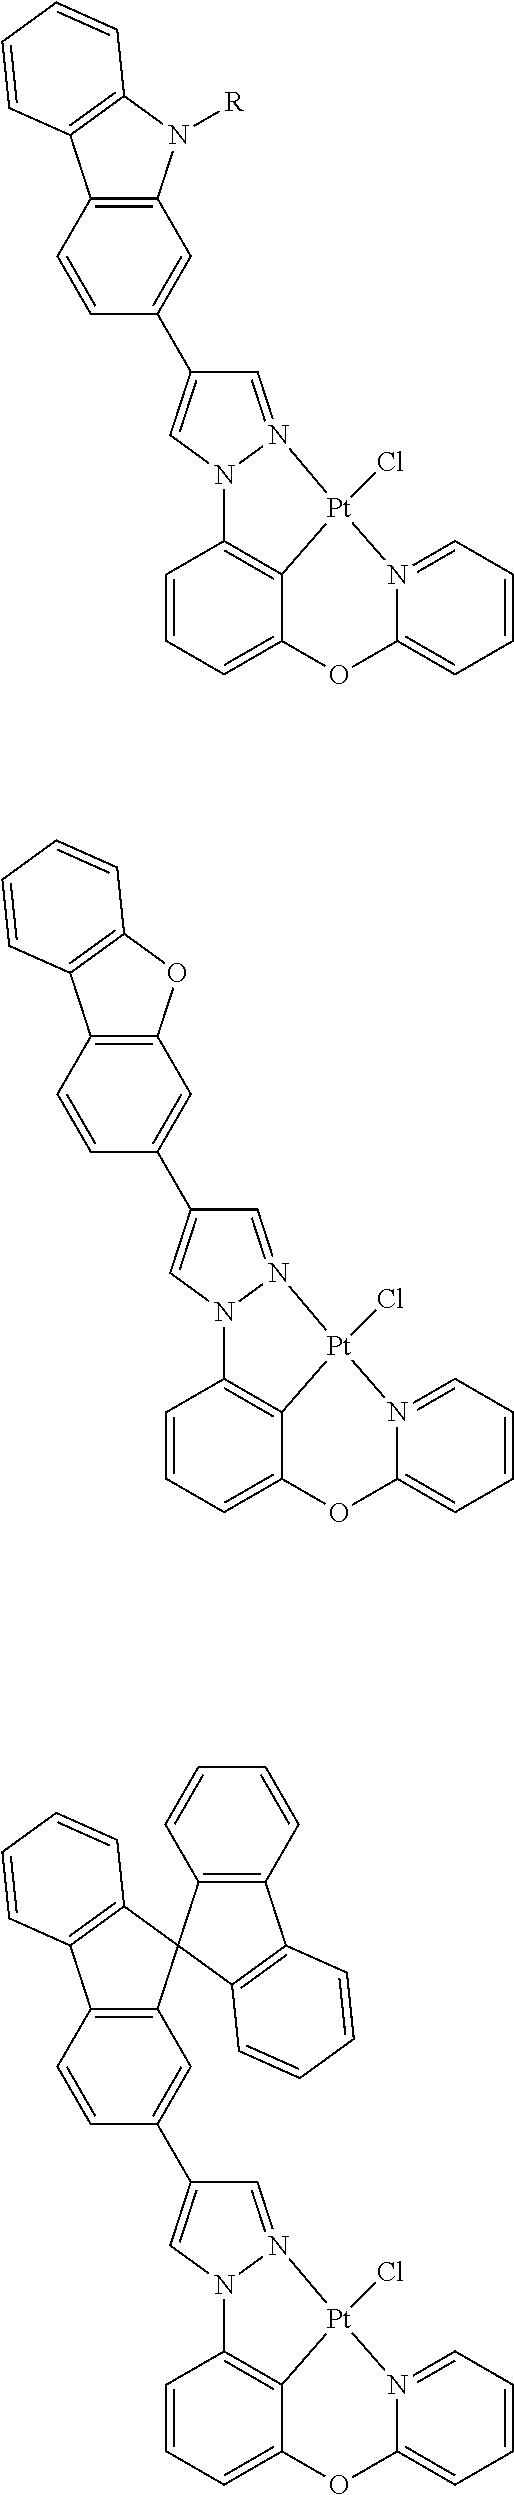 Figure US09818959-20171114-C00499